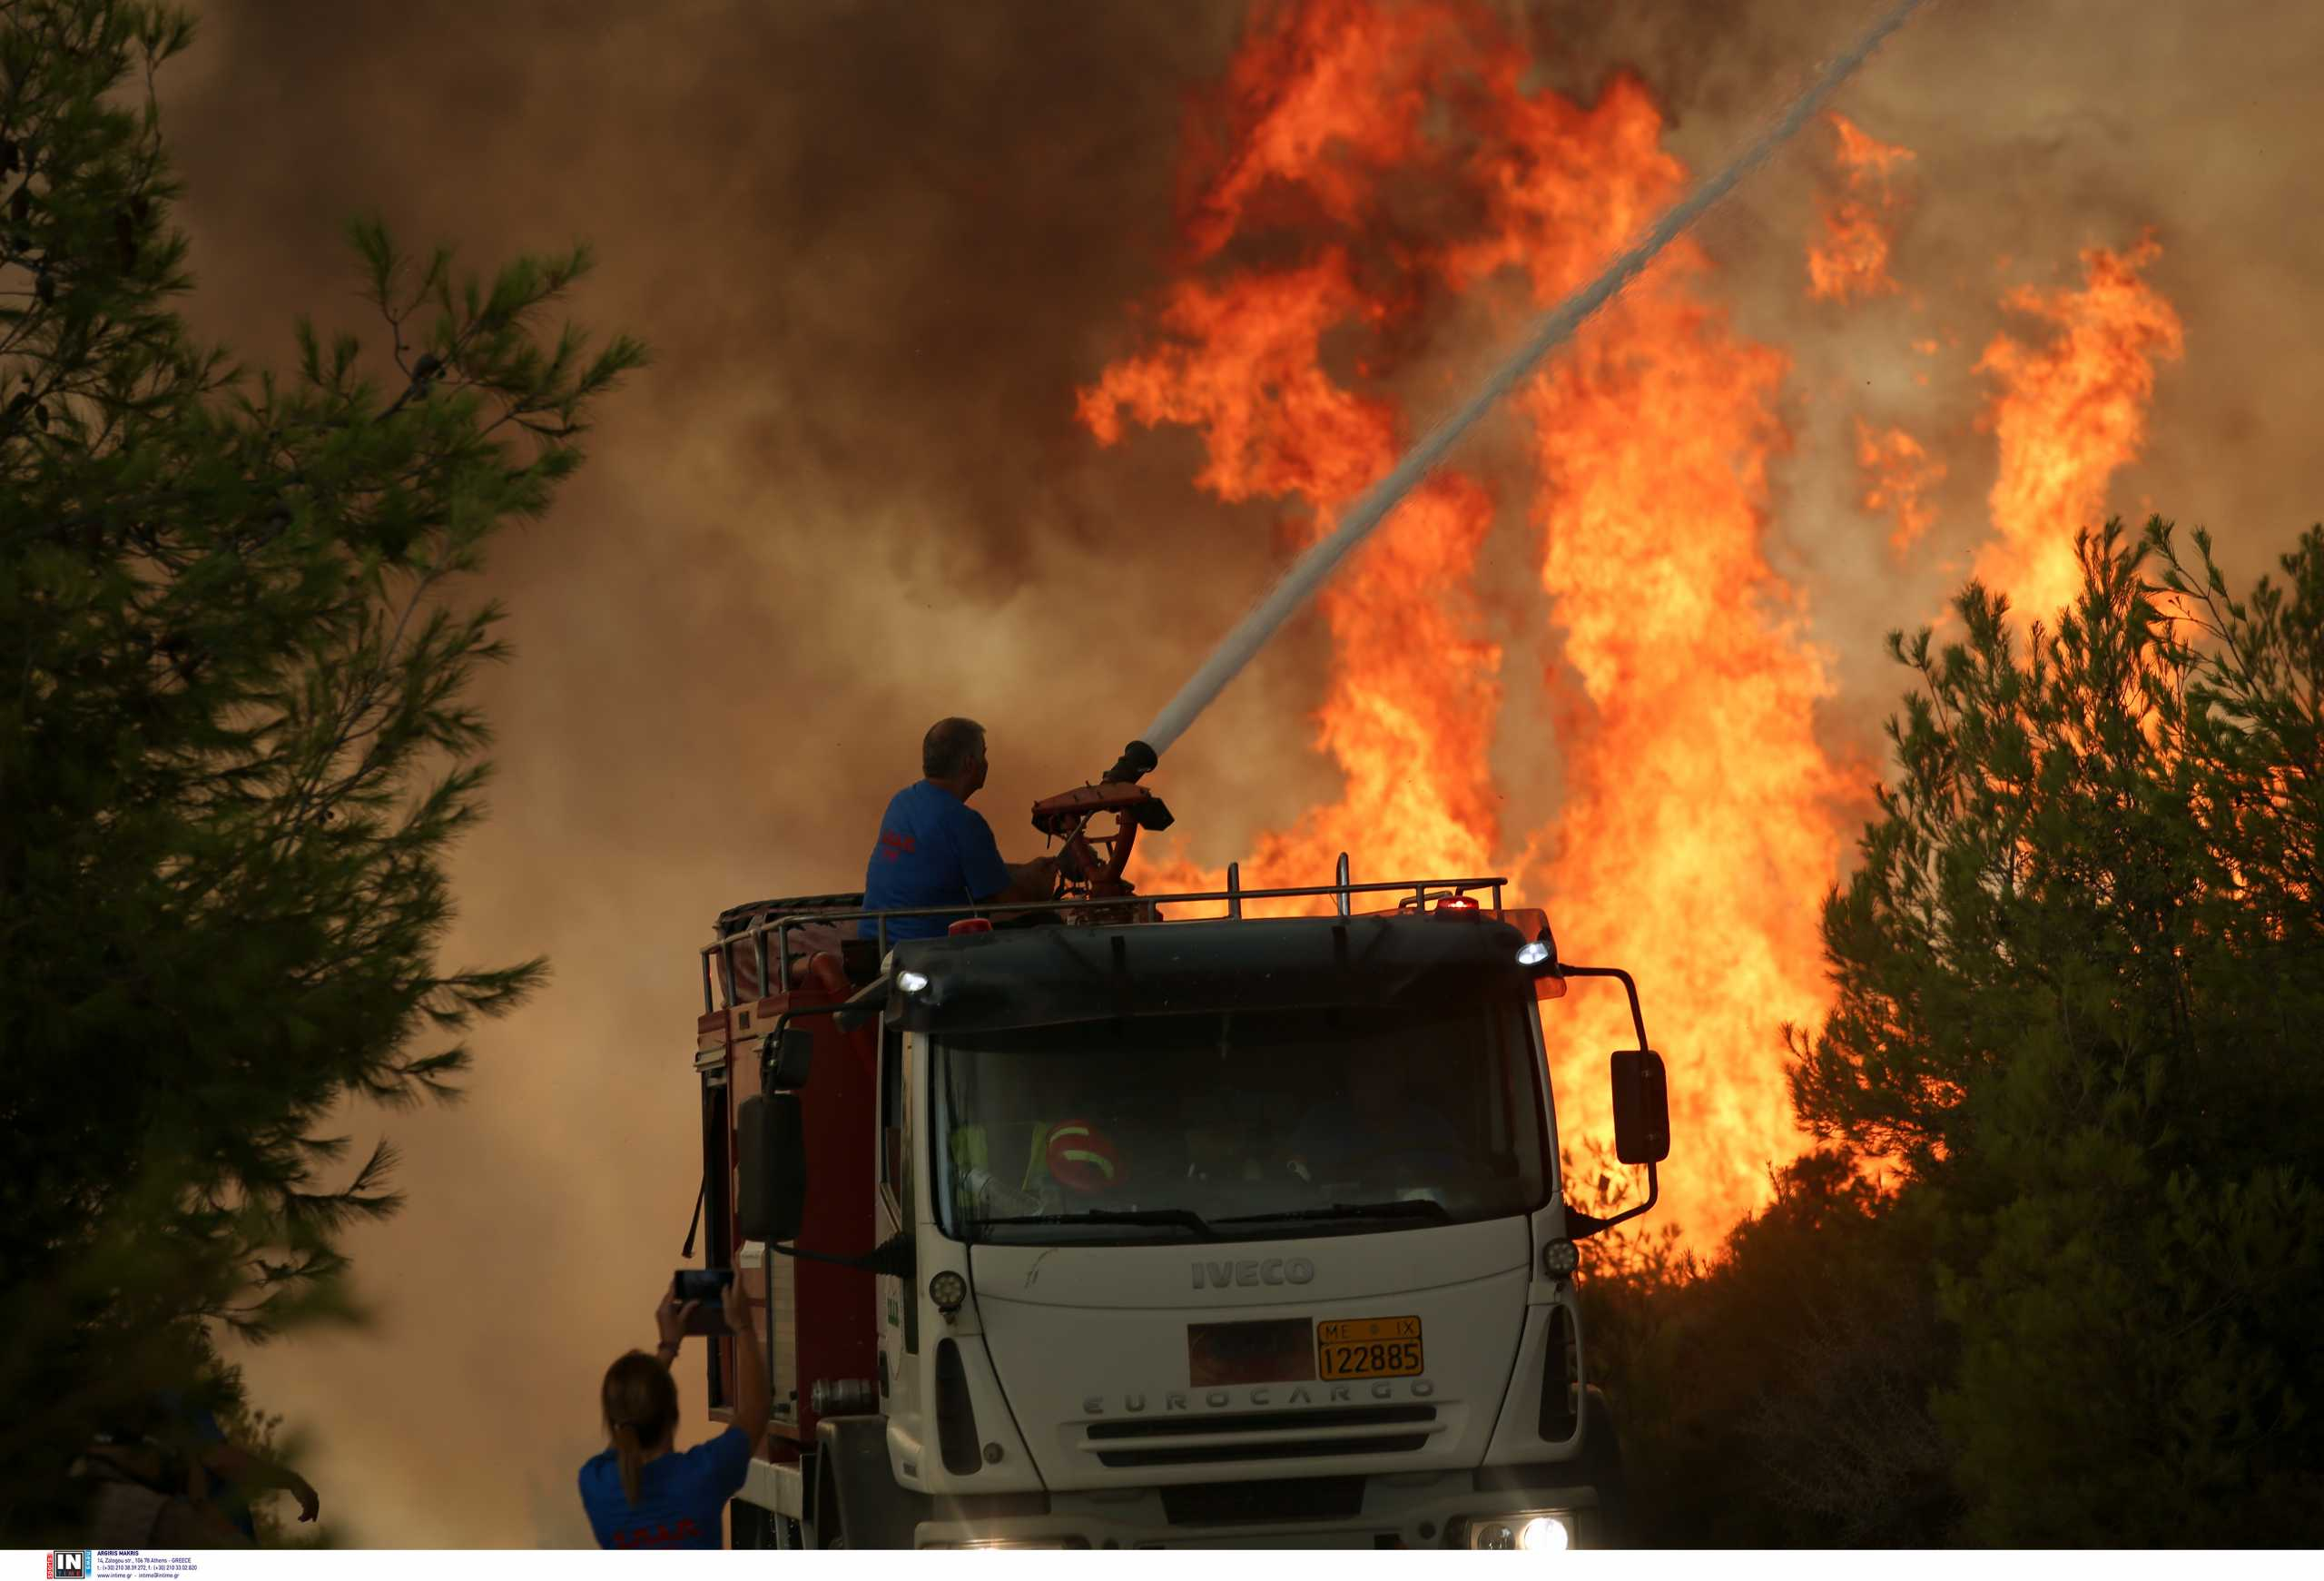 Φωτιές: Αυτές είναι οι δυνάμεις που έστειλε η Ρουμανία – «Δεν θα αφήσουμε την Ελλάδα μόνη»